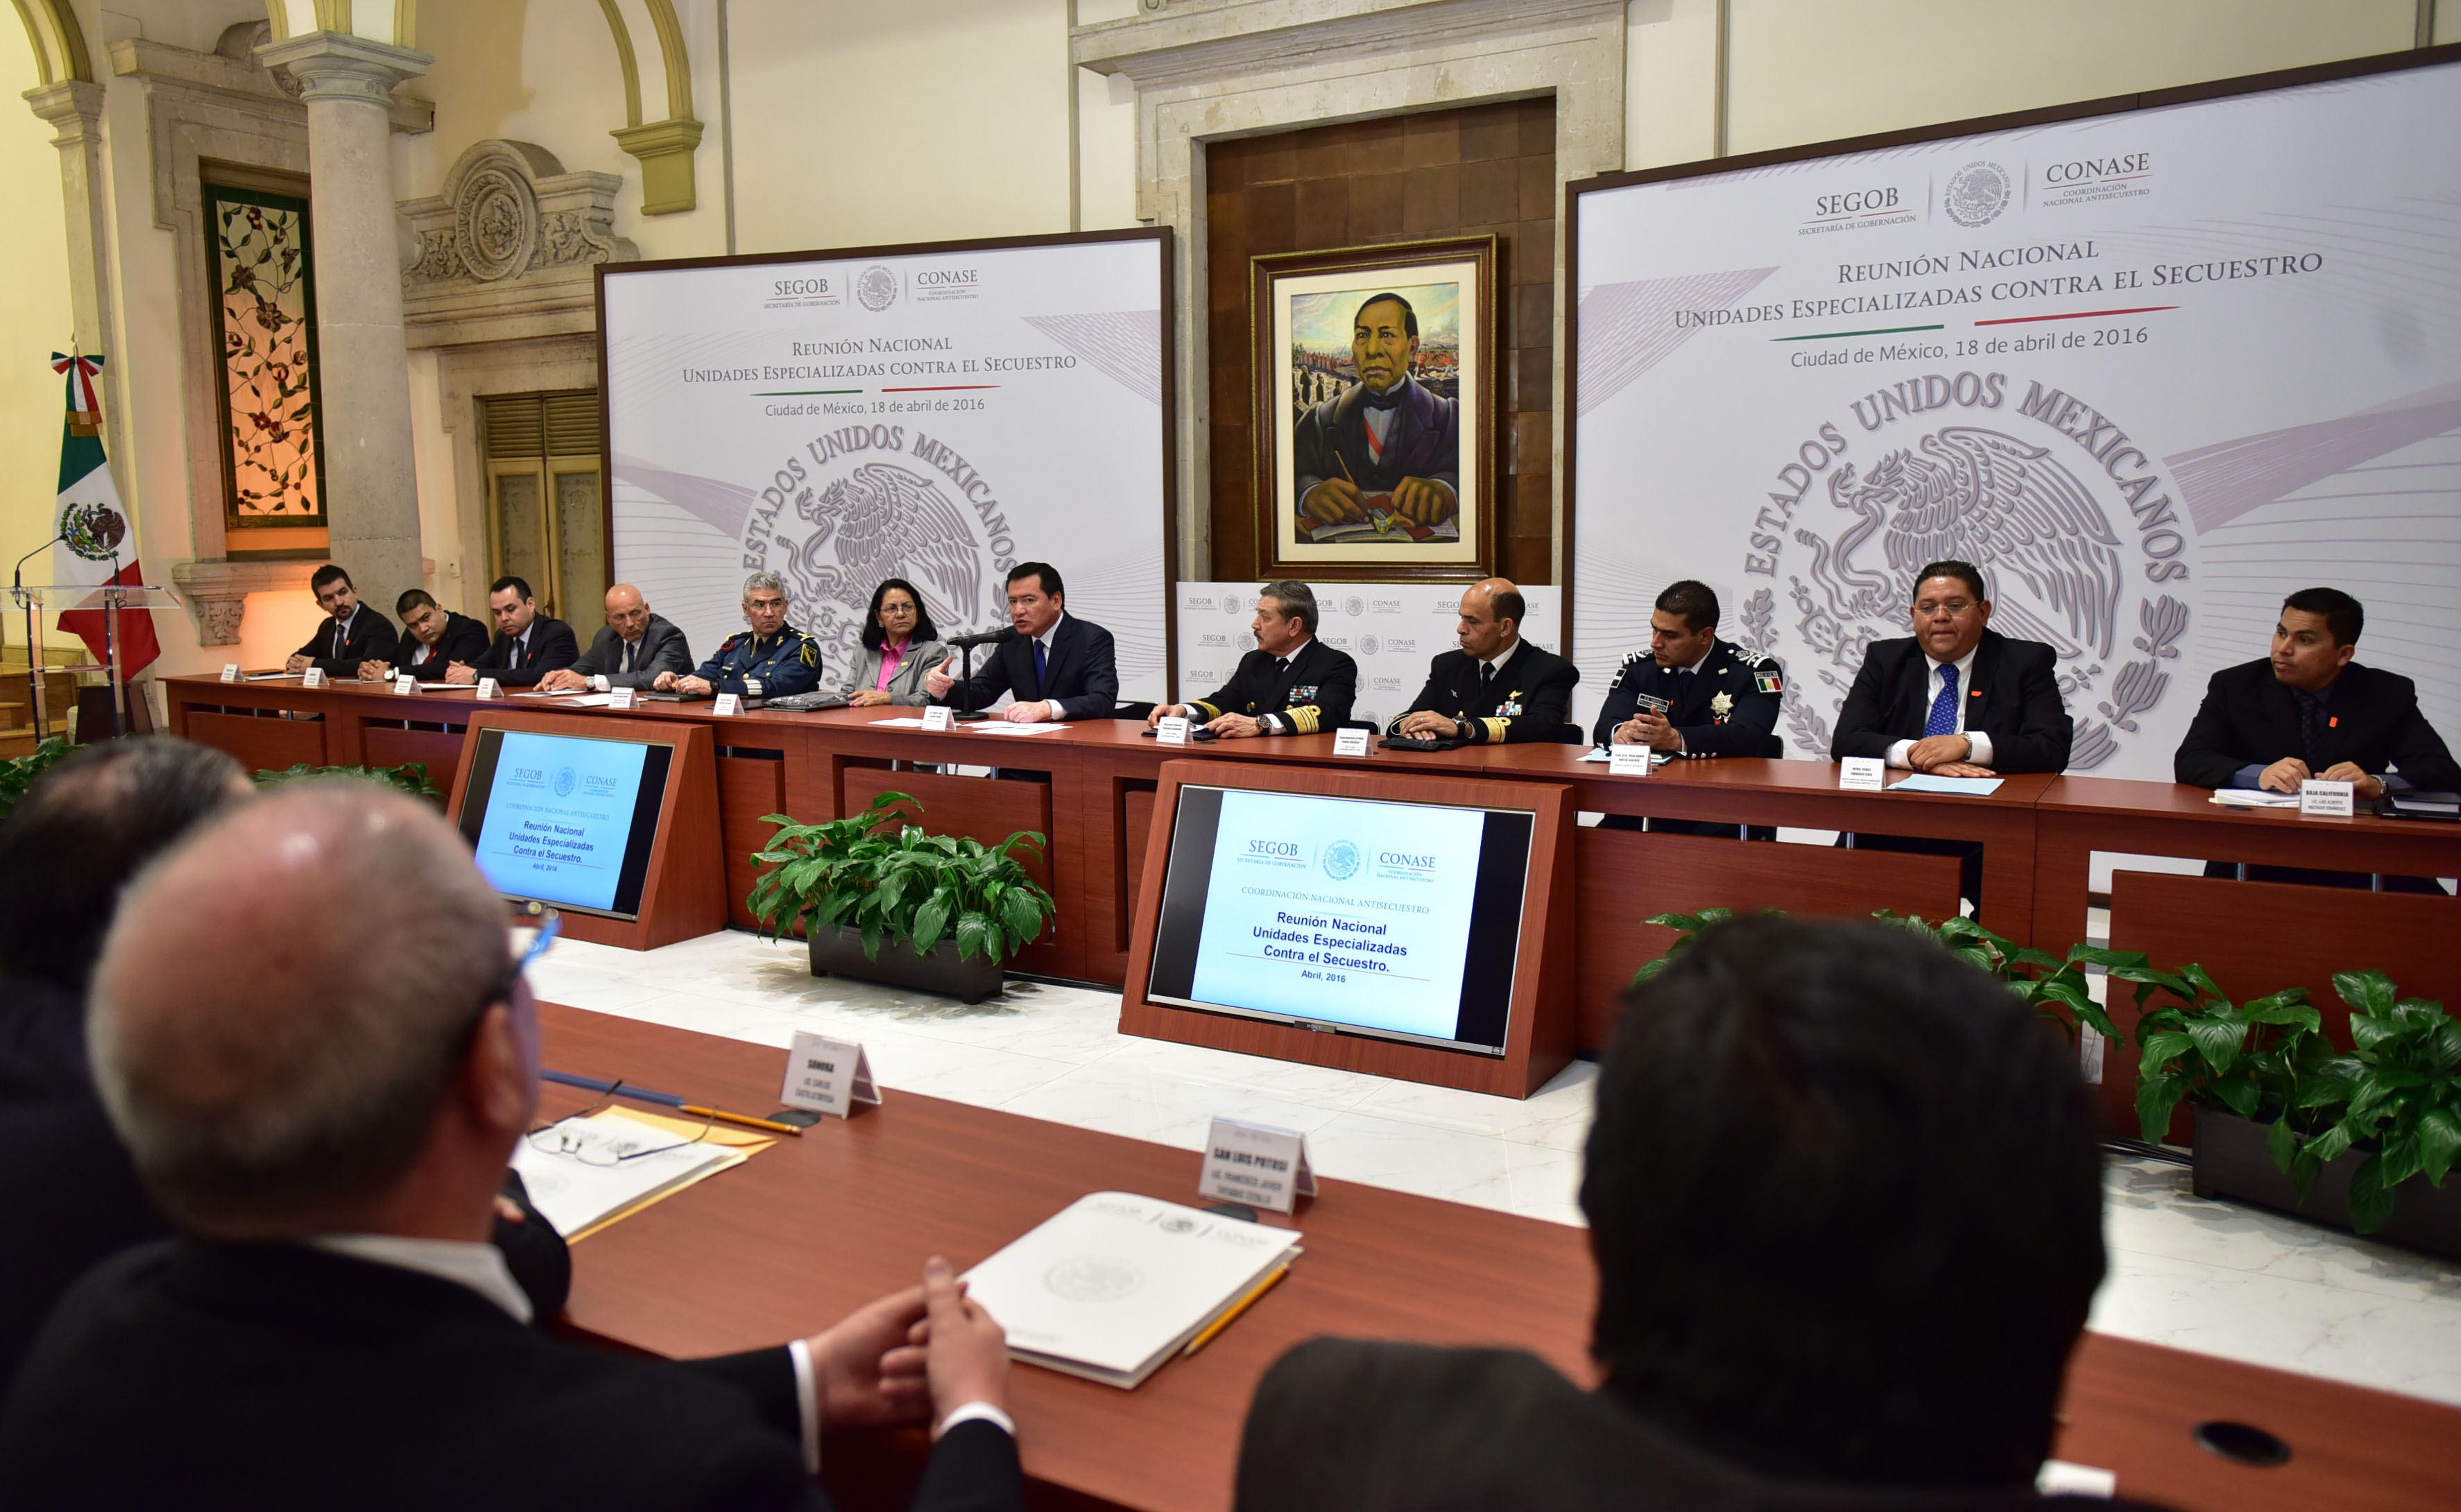 El Secretario de Gobernación, Miguel Ángel Osorio Chong, en reunión con las UECS de todo el país